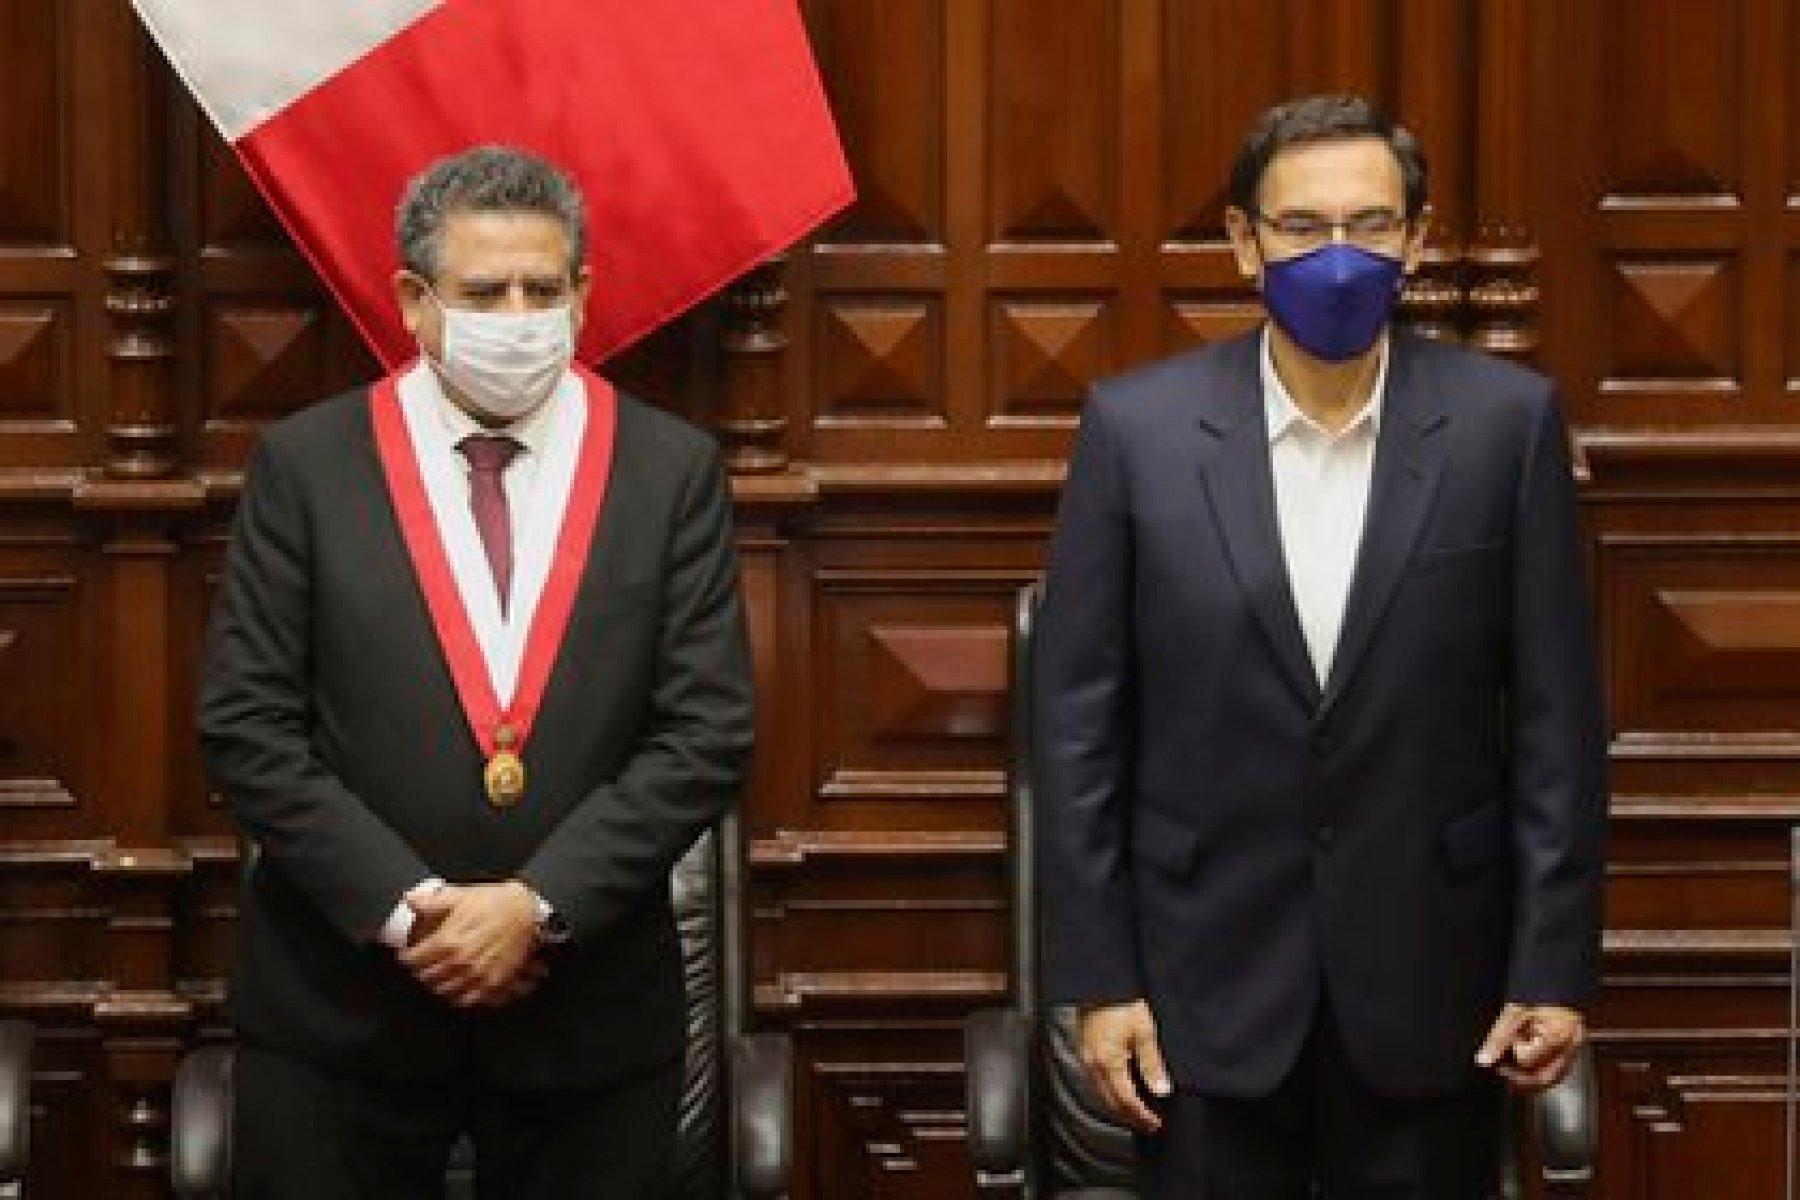 Imagen de archivo del presidente de Perú, Martín Vizcarra, junto al presidente del Congreso, Manuel Merino (EFE/Paolo Aguilar/Archivo)